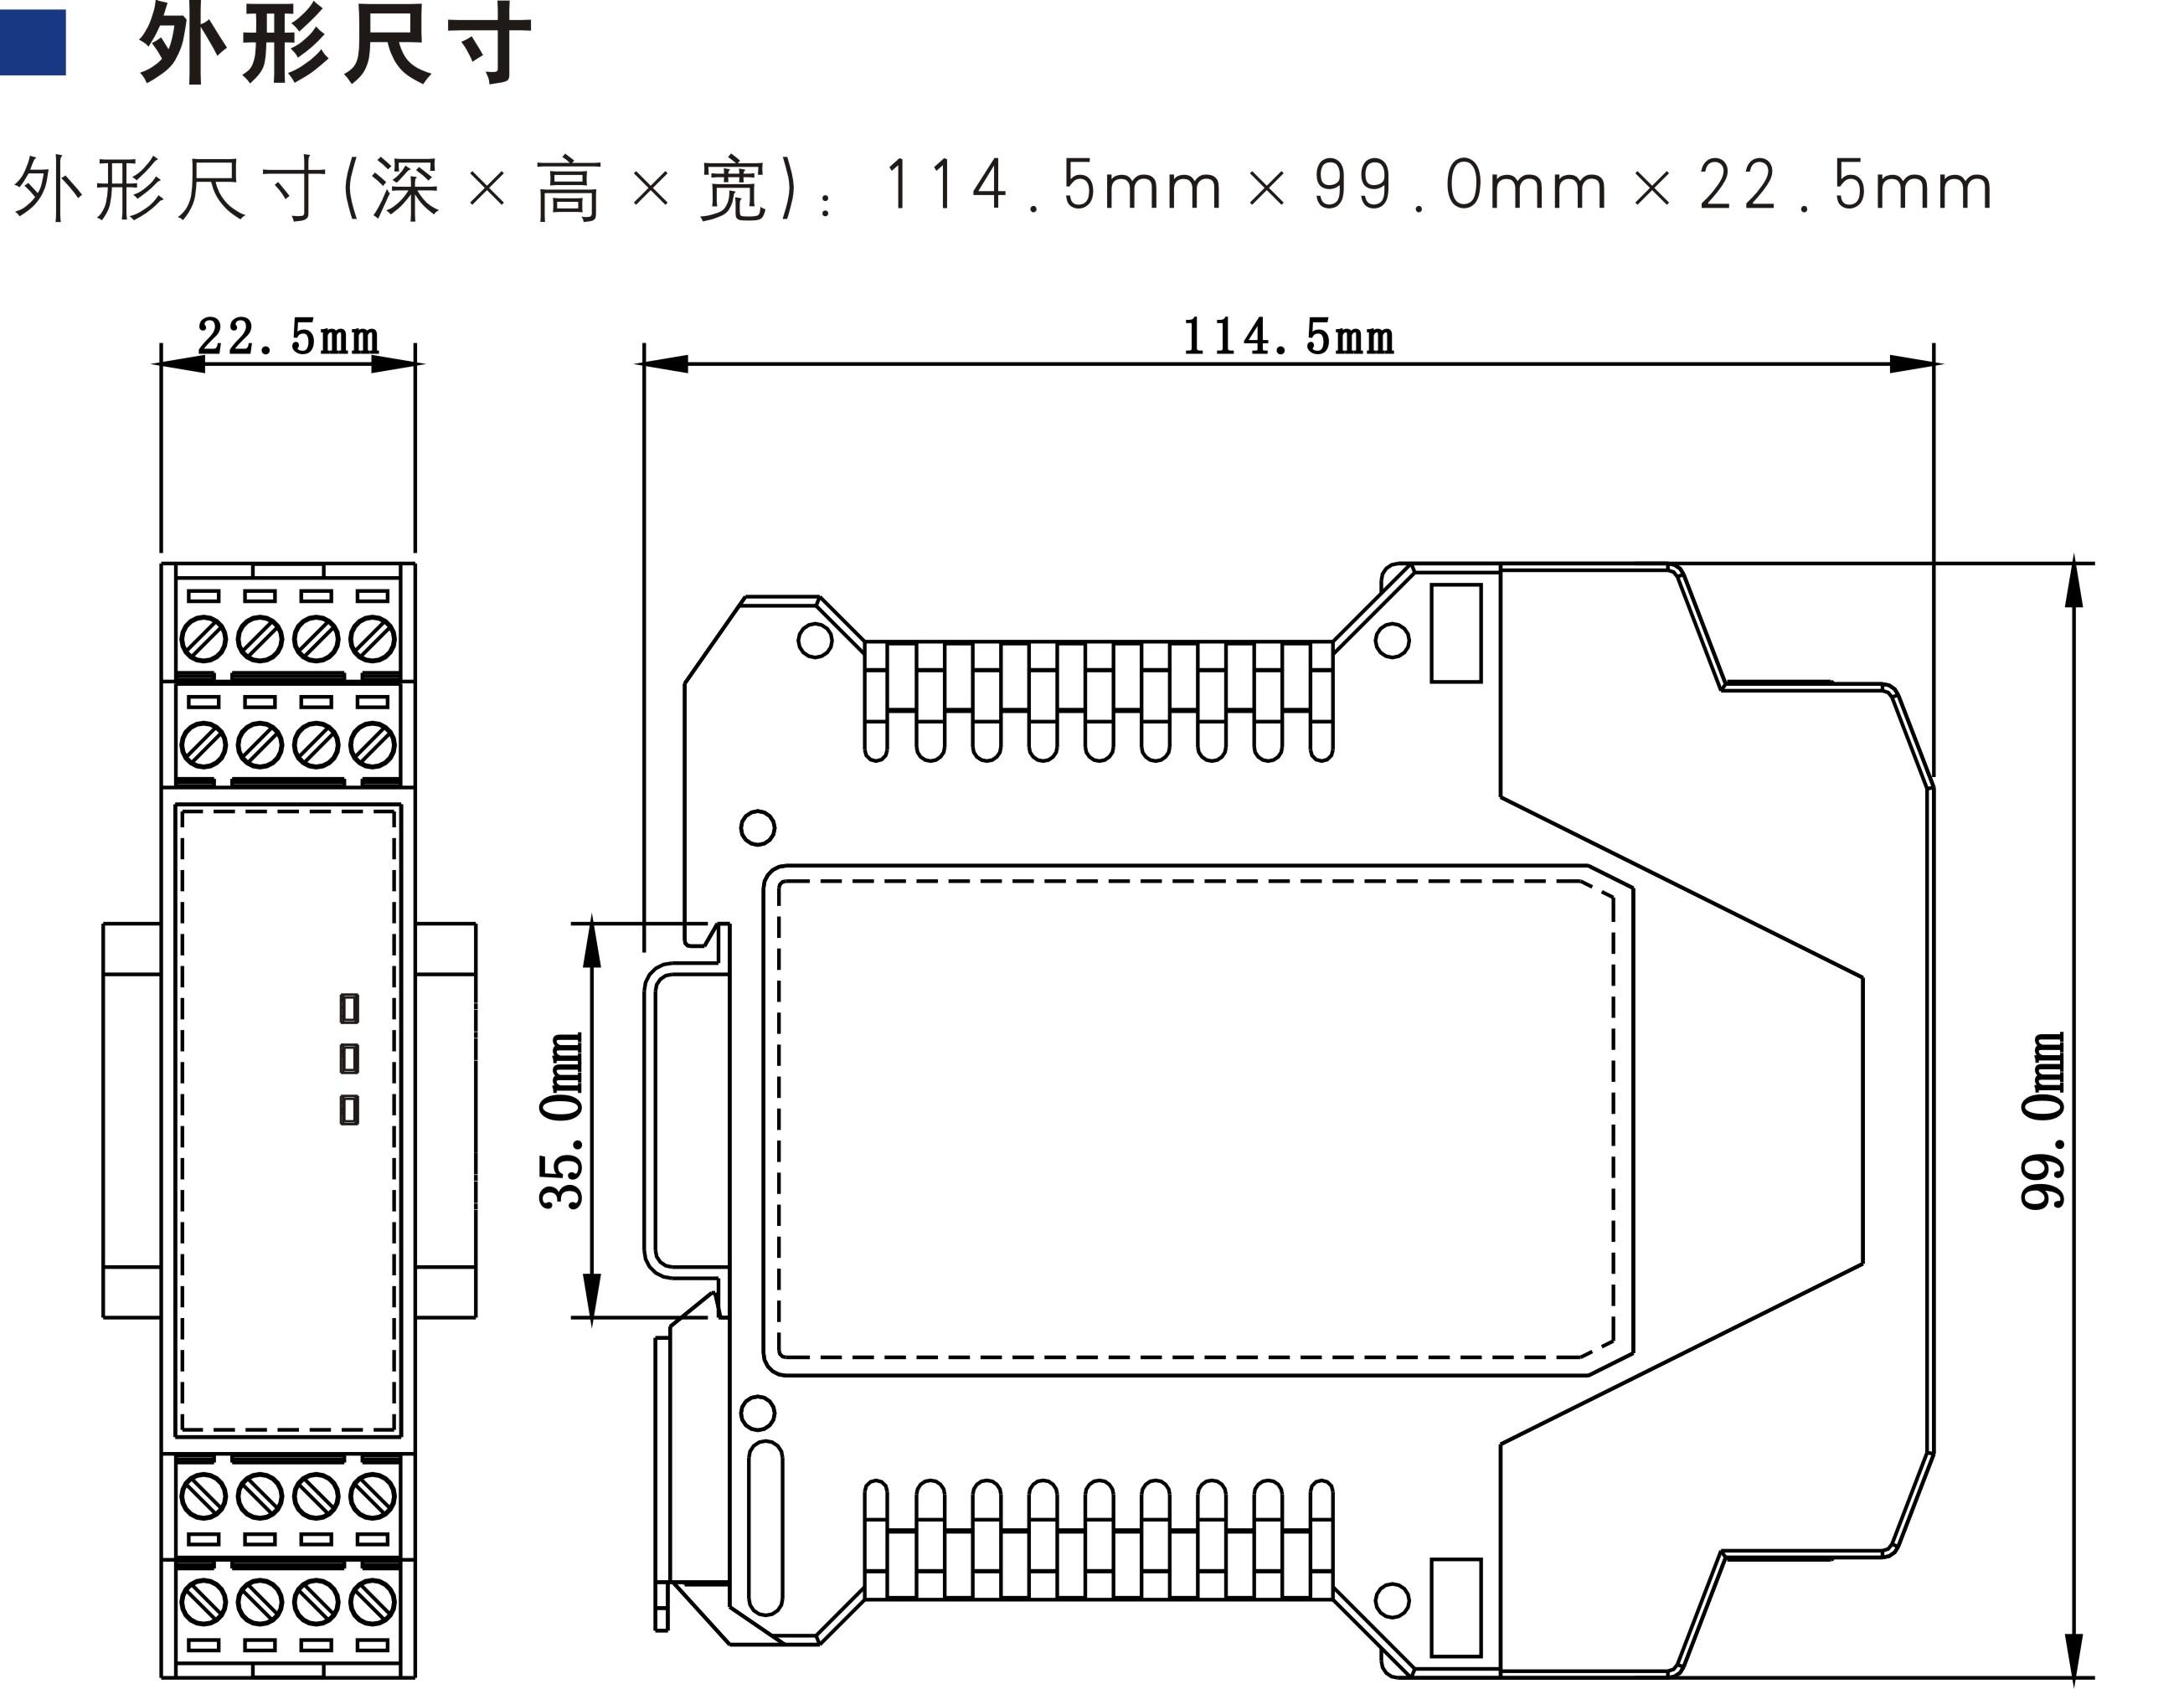 开关型安全设备输入 (四线制安全地毯 24V DC/AC 3NO+1NC 受监控的手动复位)